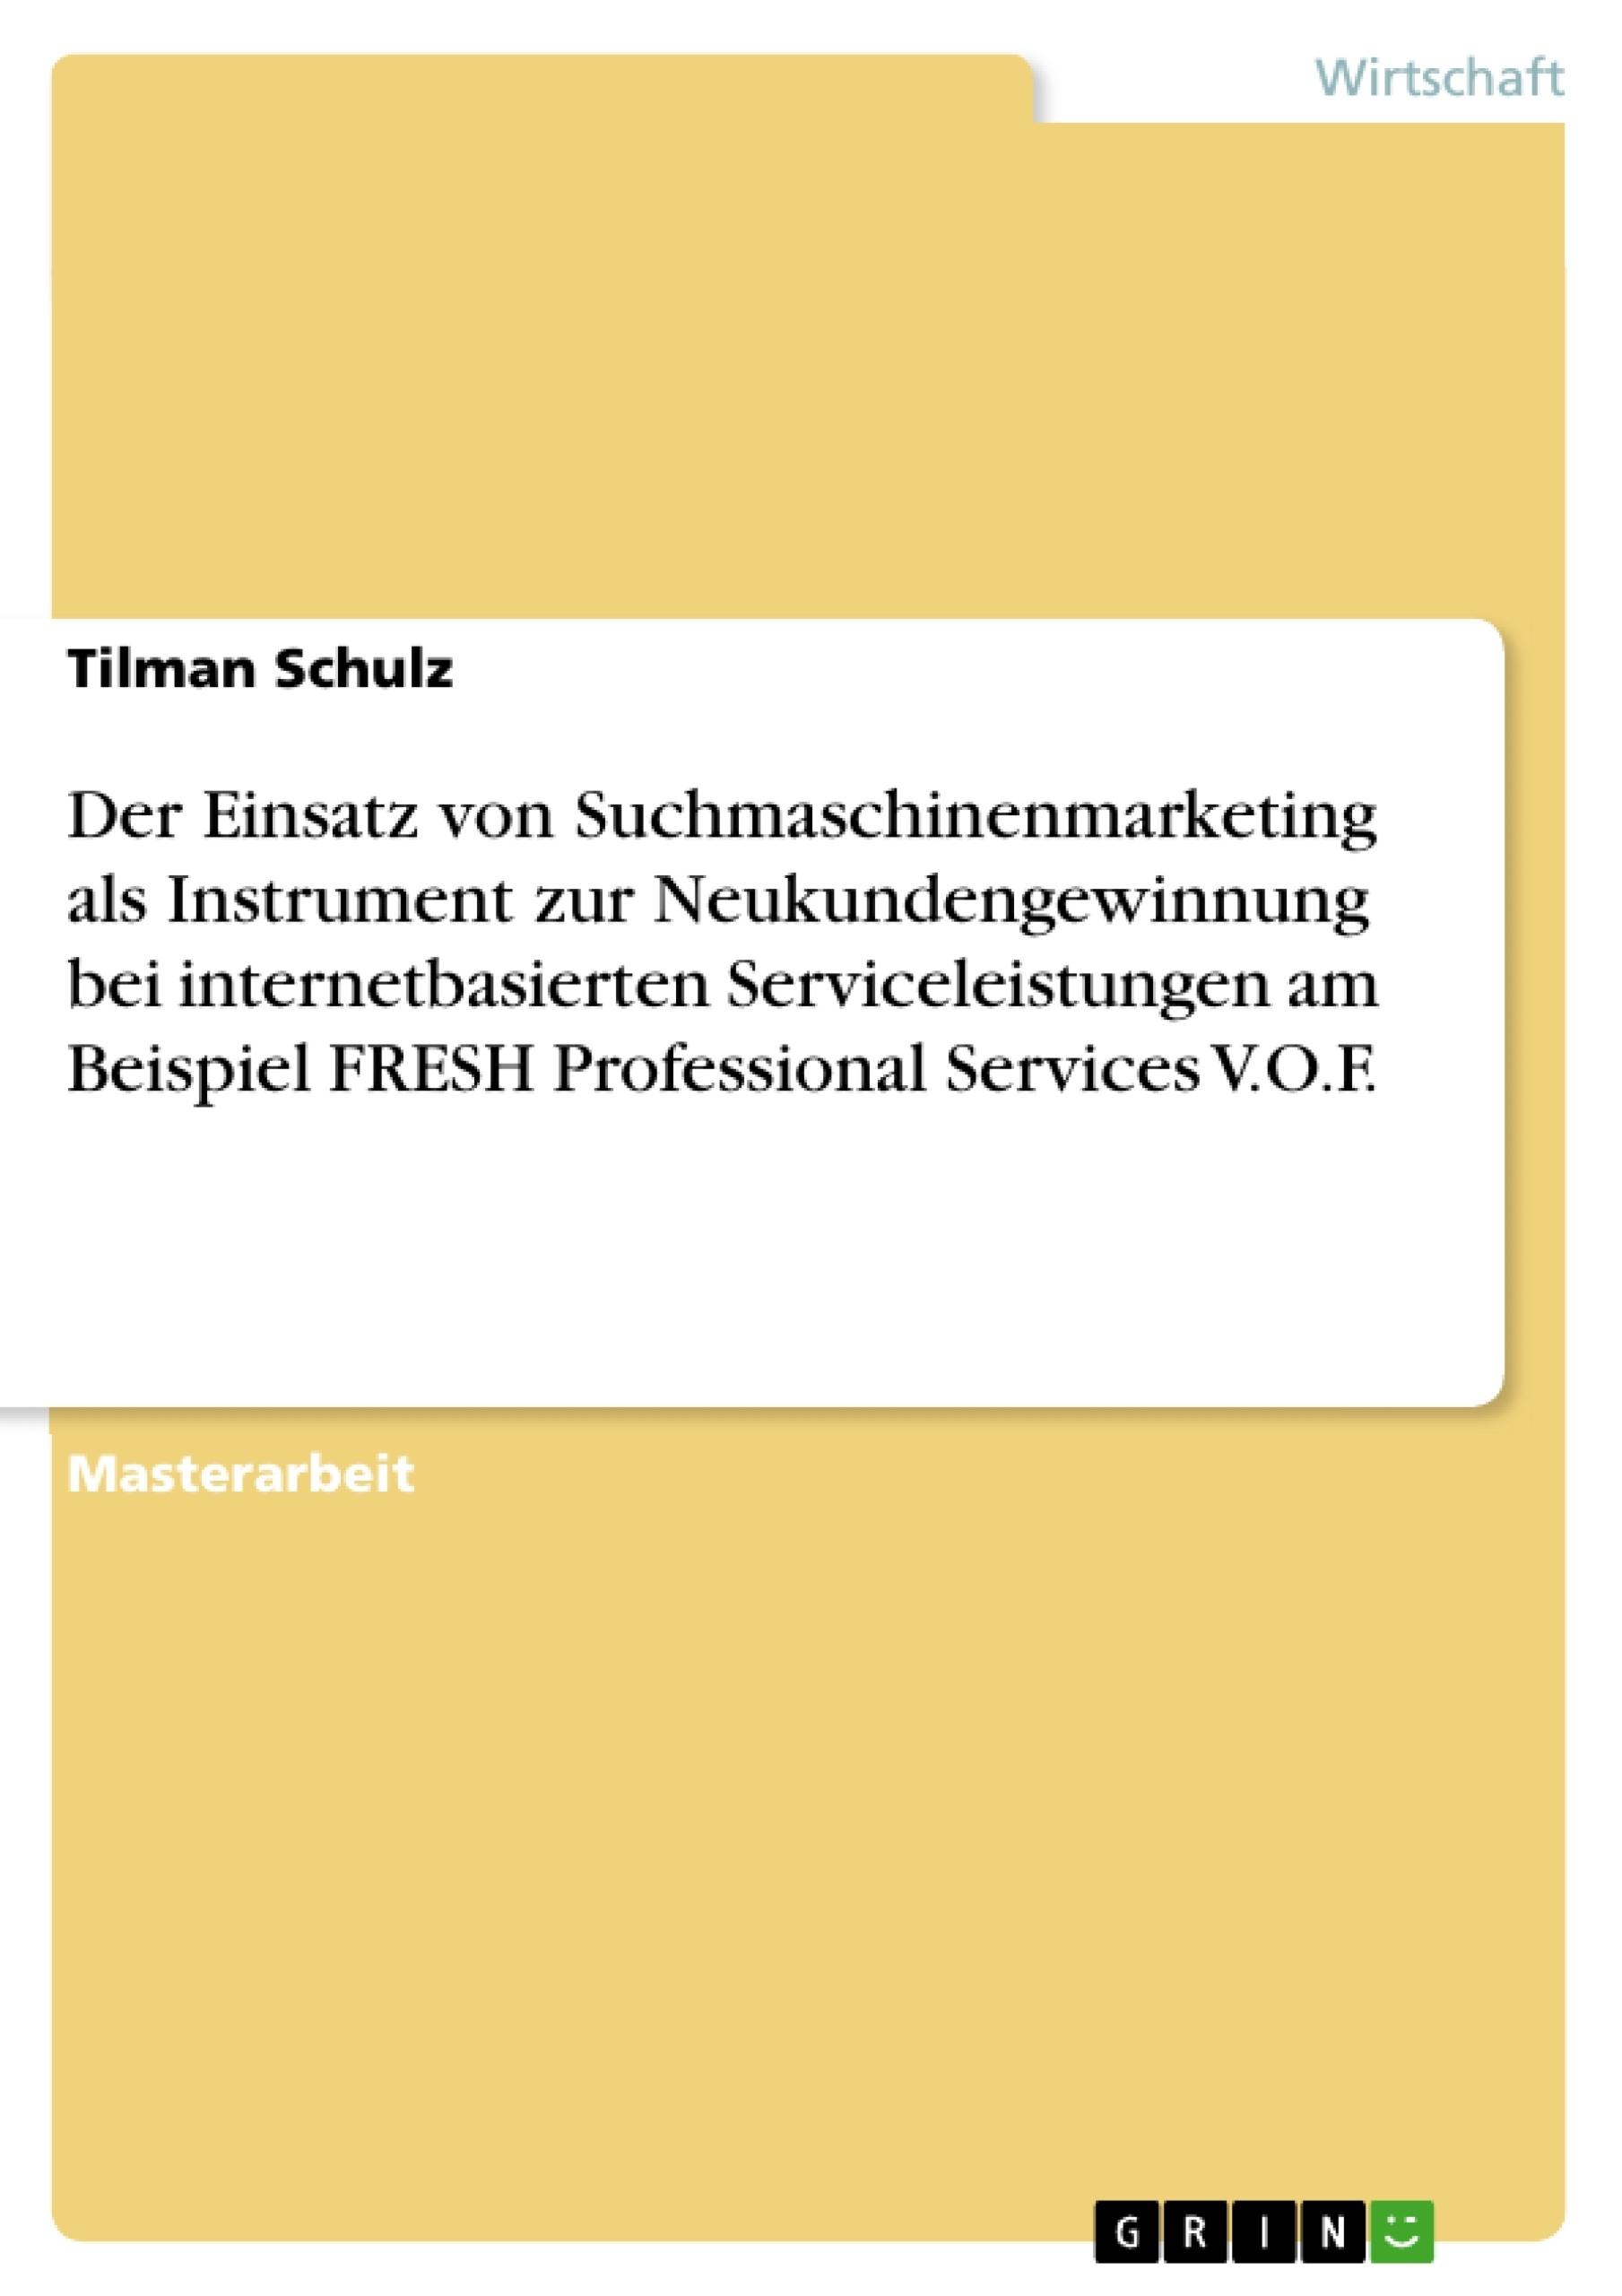 Titel: Der Einsatz von Suchmaschinenmarketing als Instrument zur Neukundengewinnung bei internetbasierten Serviceleistungen am Beispiel FRESH Professional Services V.O.F.